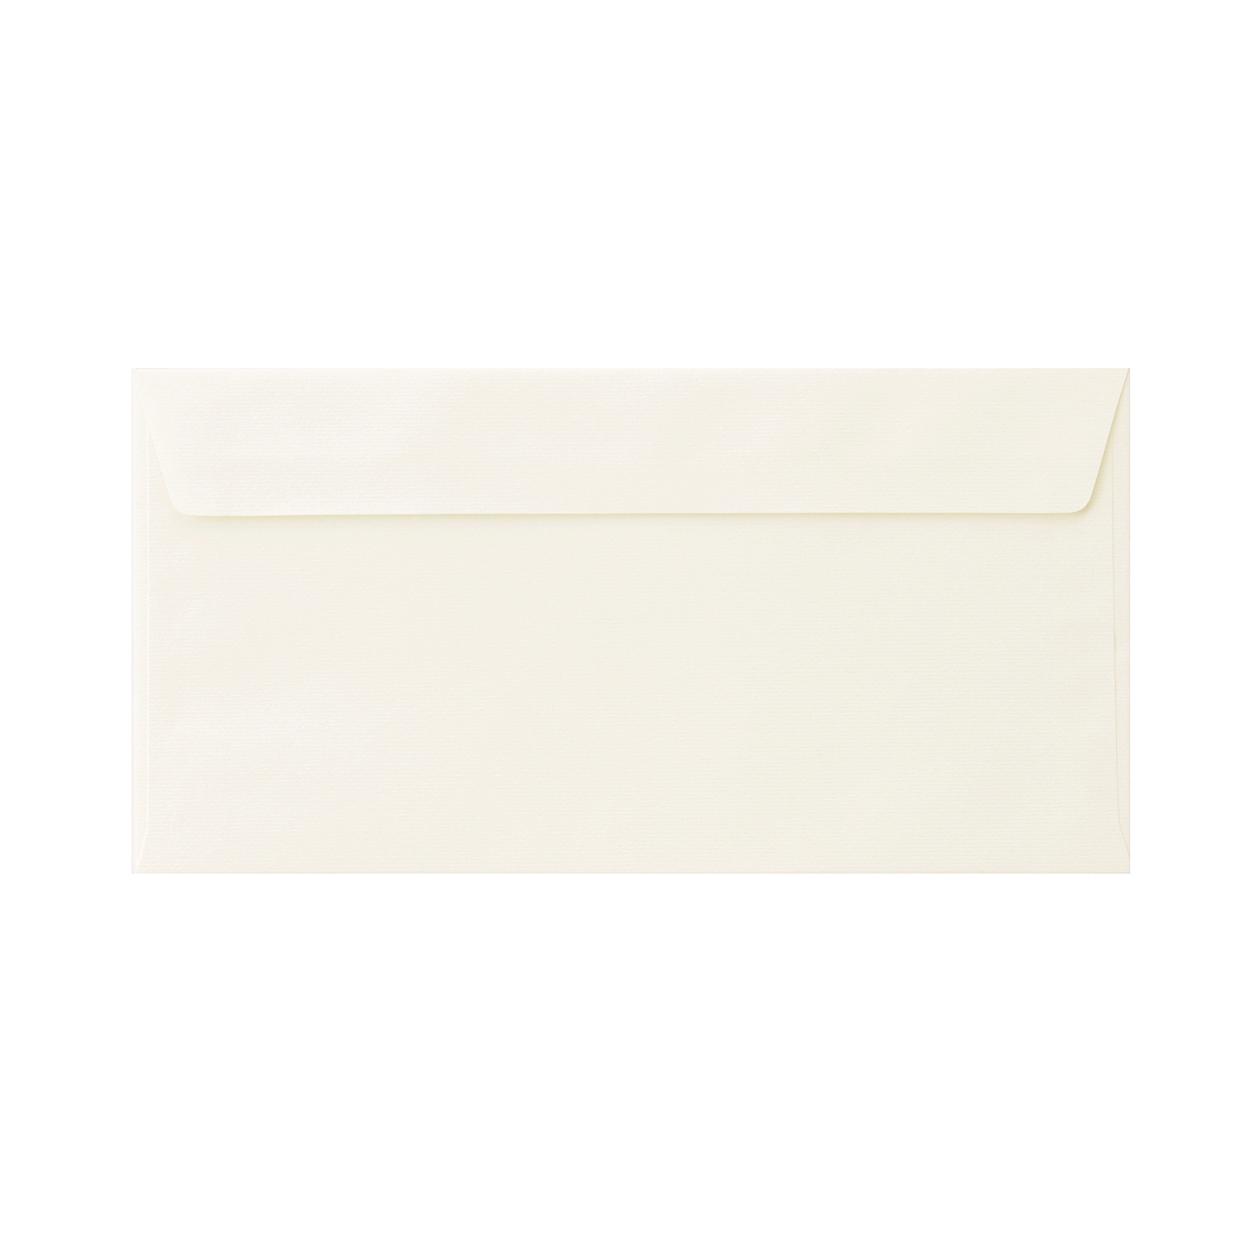 長3カマス34封筒 マクレイン ホワイト 100g